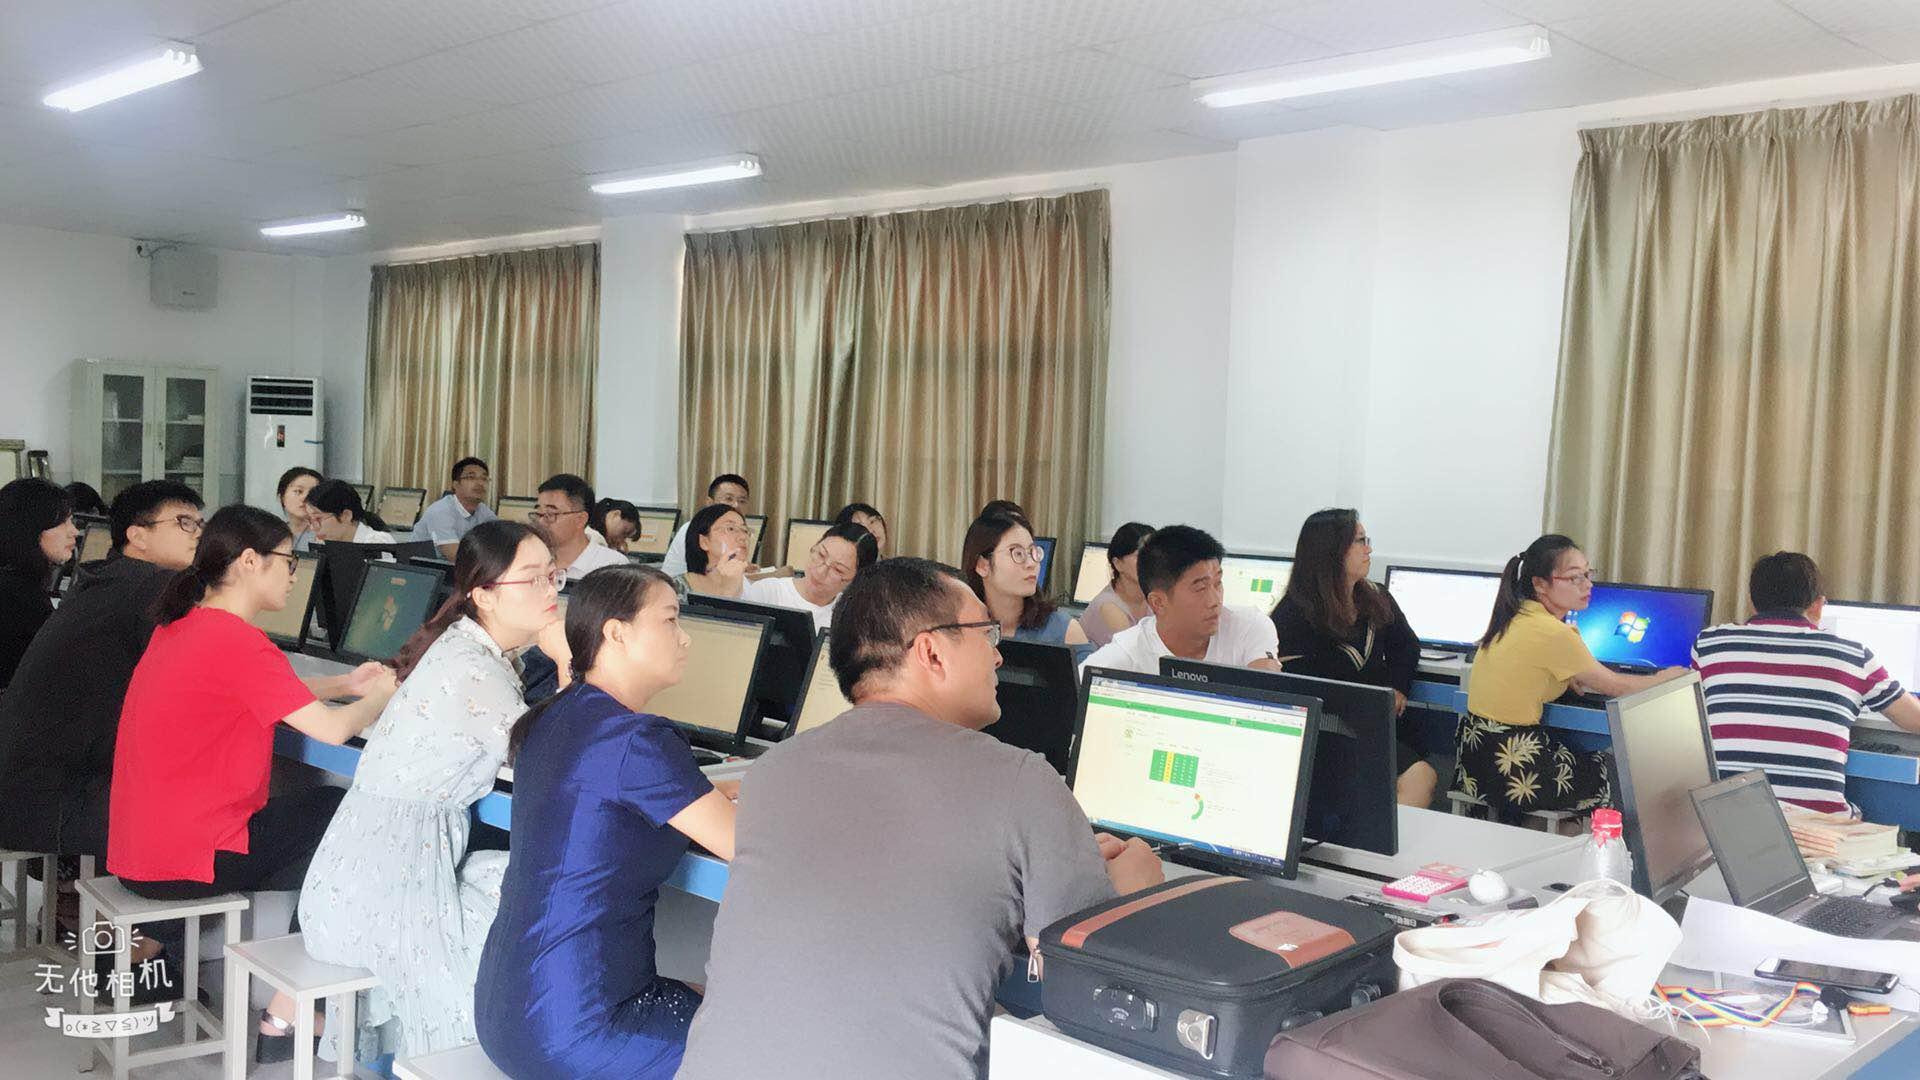 浦口三中-智慧教育云平台